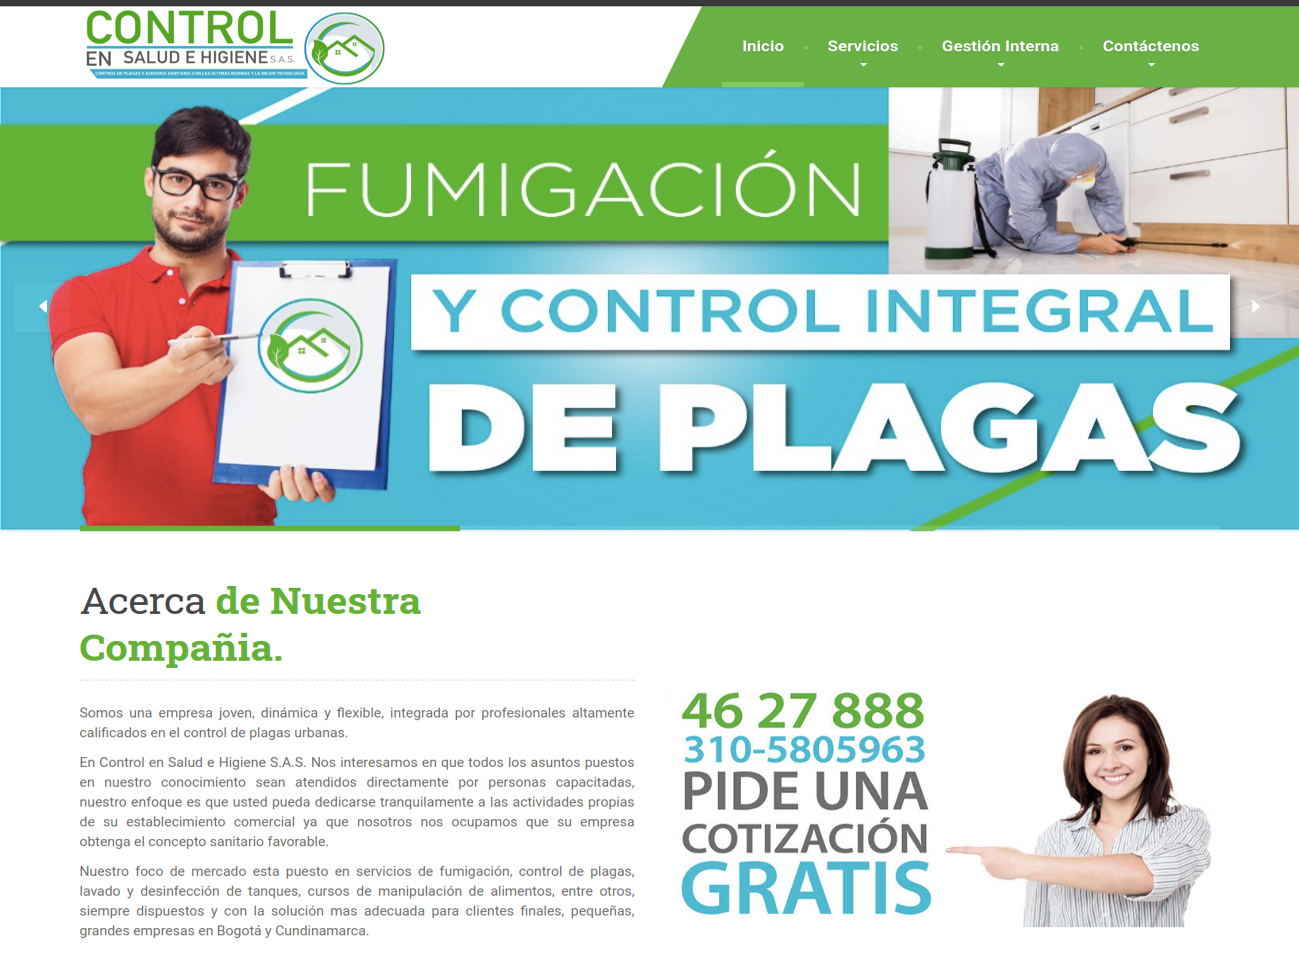 pagina-control-sanitario